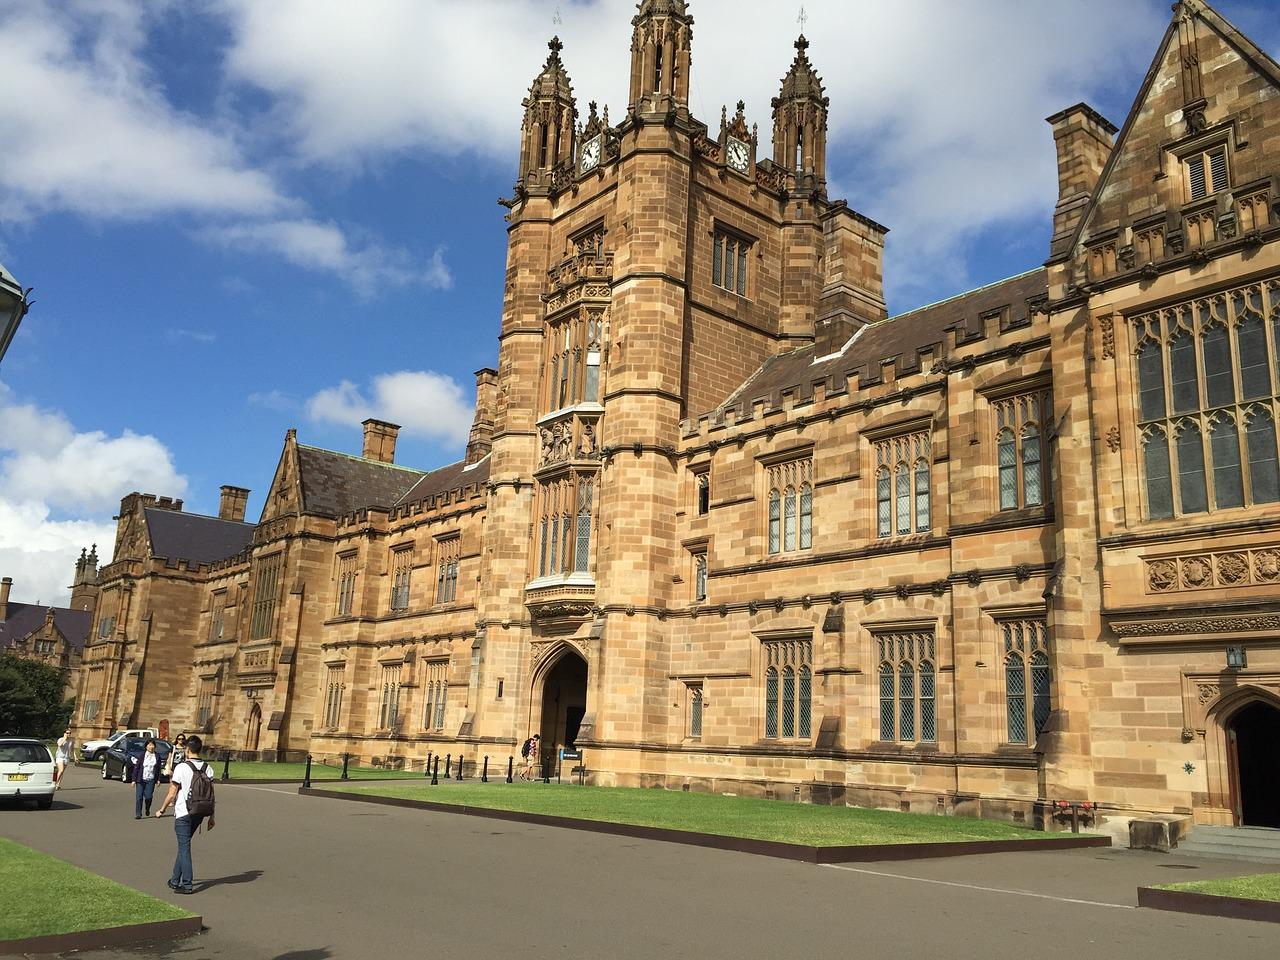 人權觀察澳洲董事皮爾森(Elaine Pearson)4月4日特意撰文,建議澳洲高校採取行動抵制中共影響澳洲校園。圖為悉尼大學。(Pixabay.com)